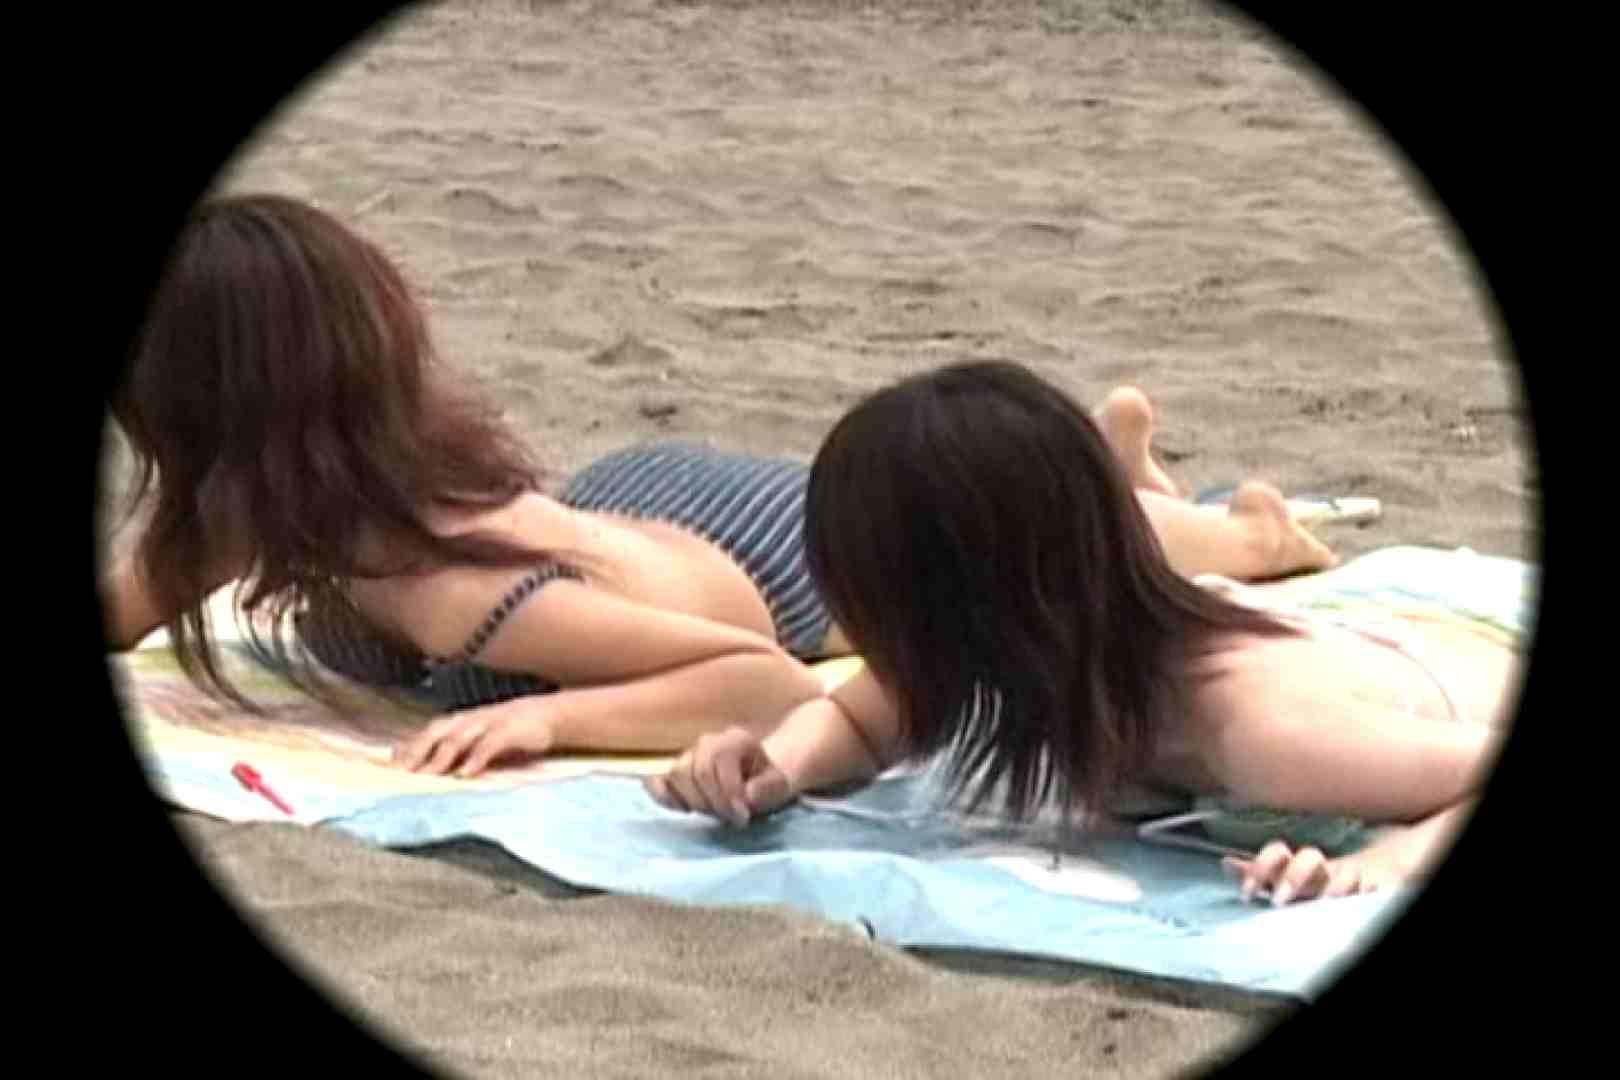 ビーチで発見!!はしゃぎ過ぎポロリギャルVol.4 胸チラ 盗撮ヌード画像 102画像 93